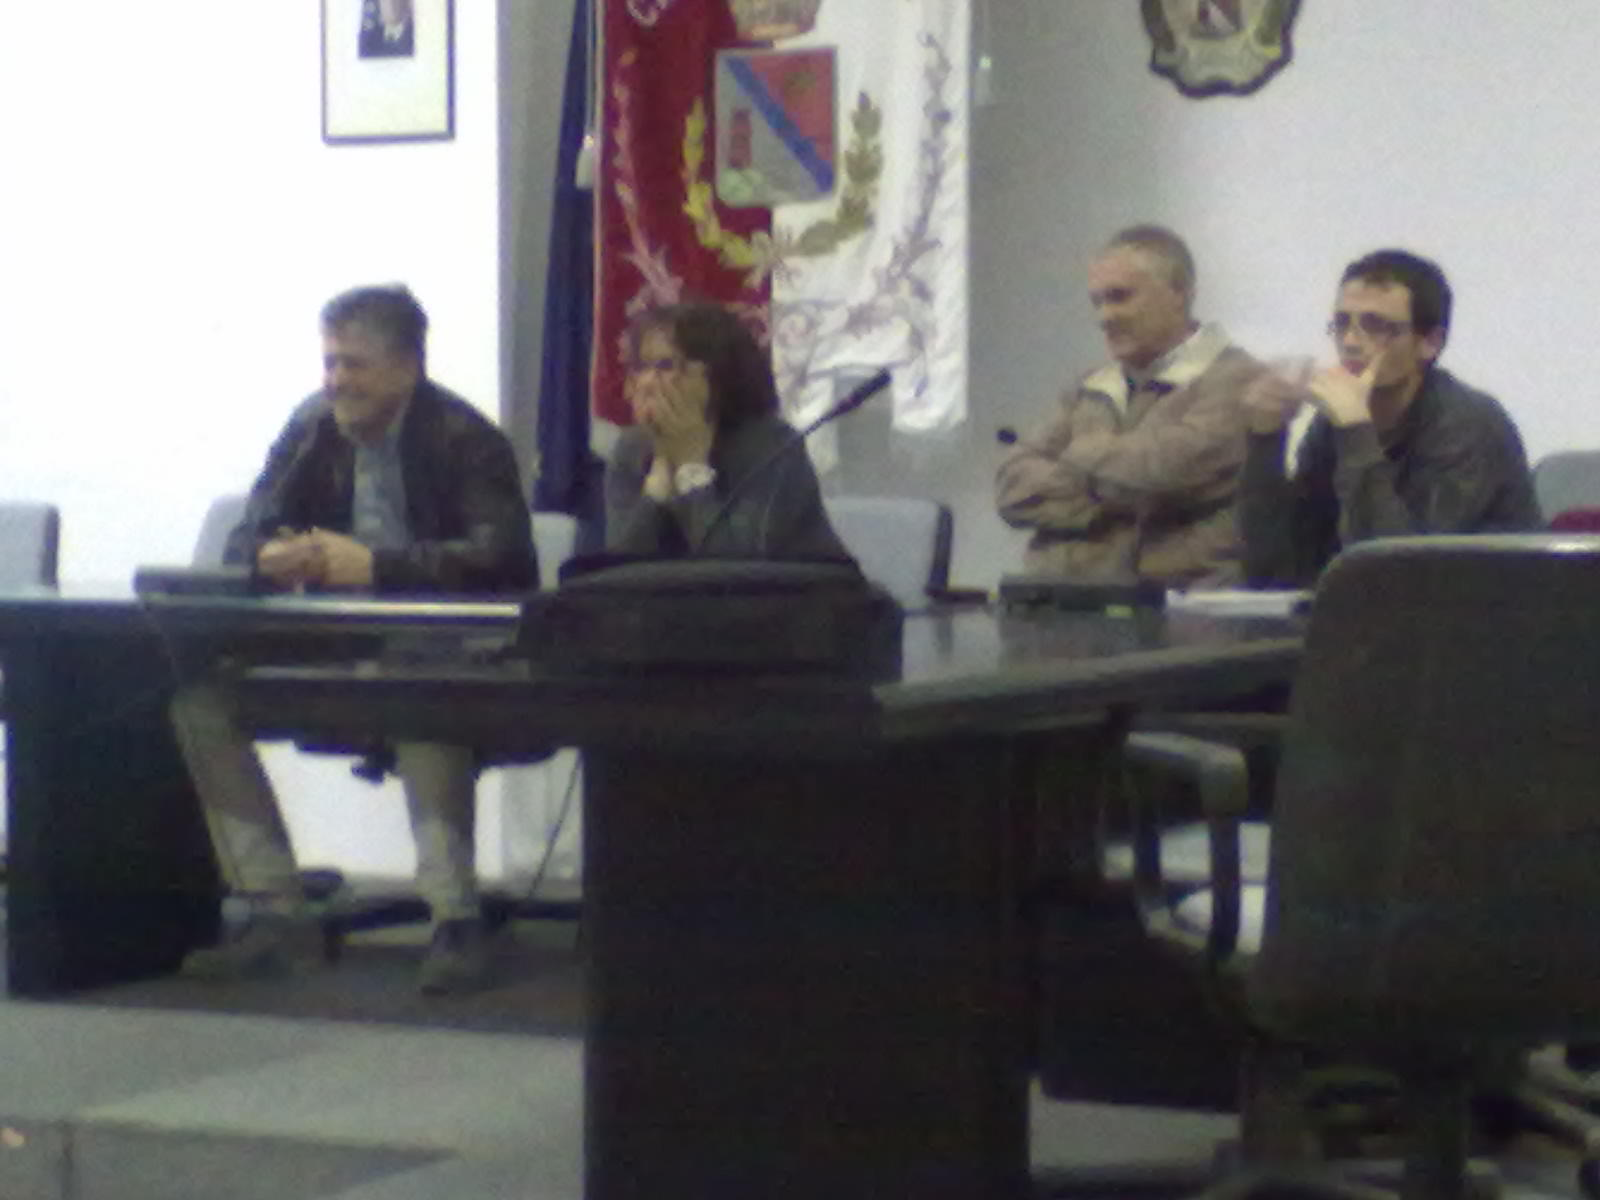 Riunione con i cittadini del 14 ottobre 2011. Da sx: Giovanni Stracci, Patrizia Rossini, Paolo Tartaglini, Simone Corradetti